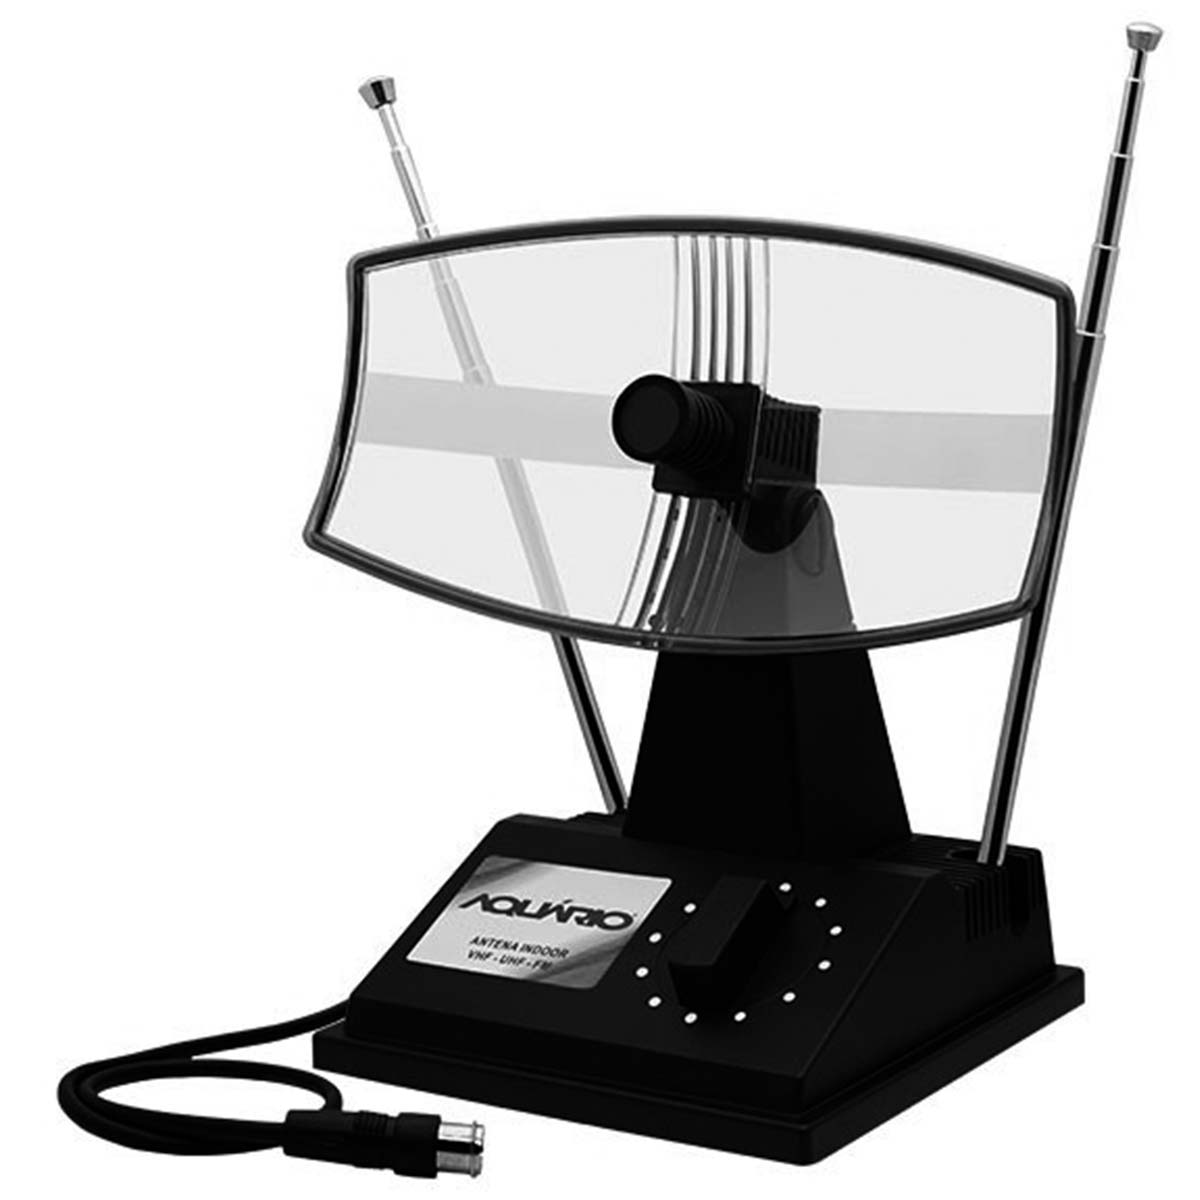 Antena Interna p/ TV VHF / FM / UHF - TV 350 Aquário